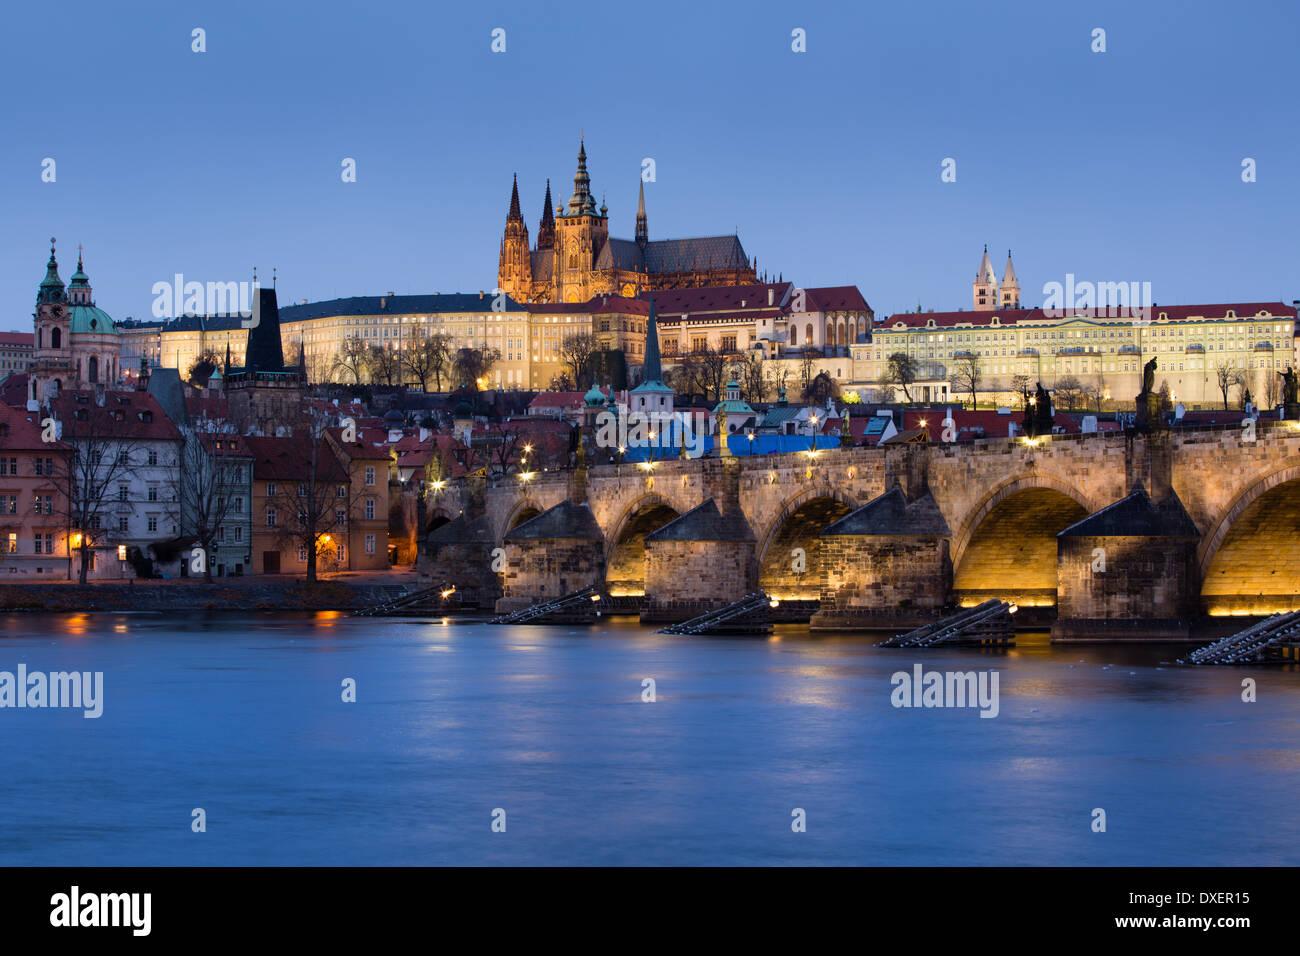 Le quartier du château, Habour et le Pont Charles sur la Vltava au crépuscule, Prague, République Tchèque Photo Stock